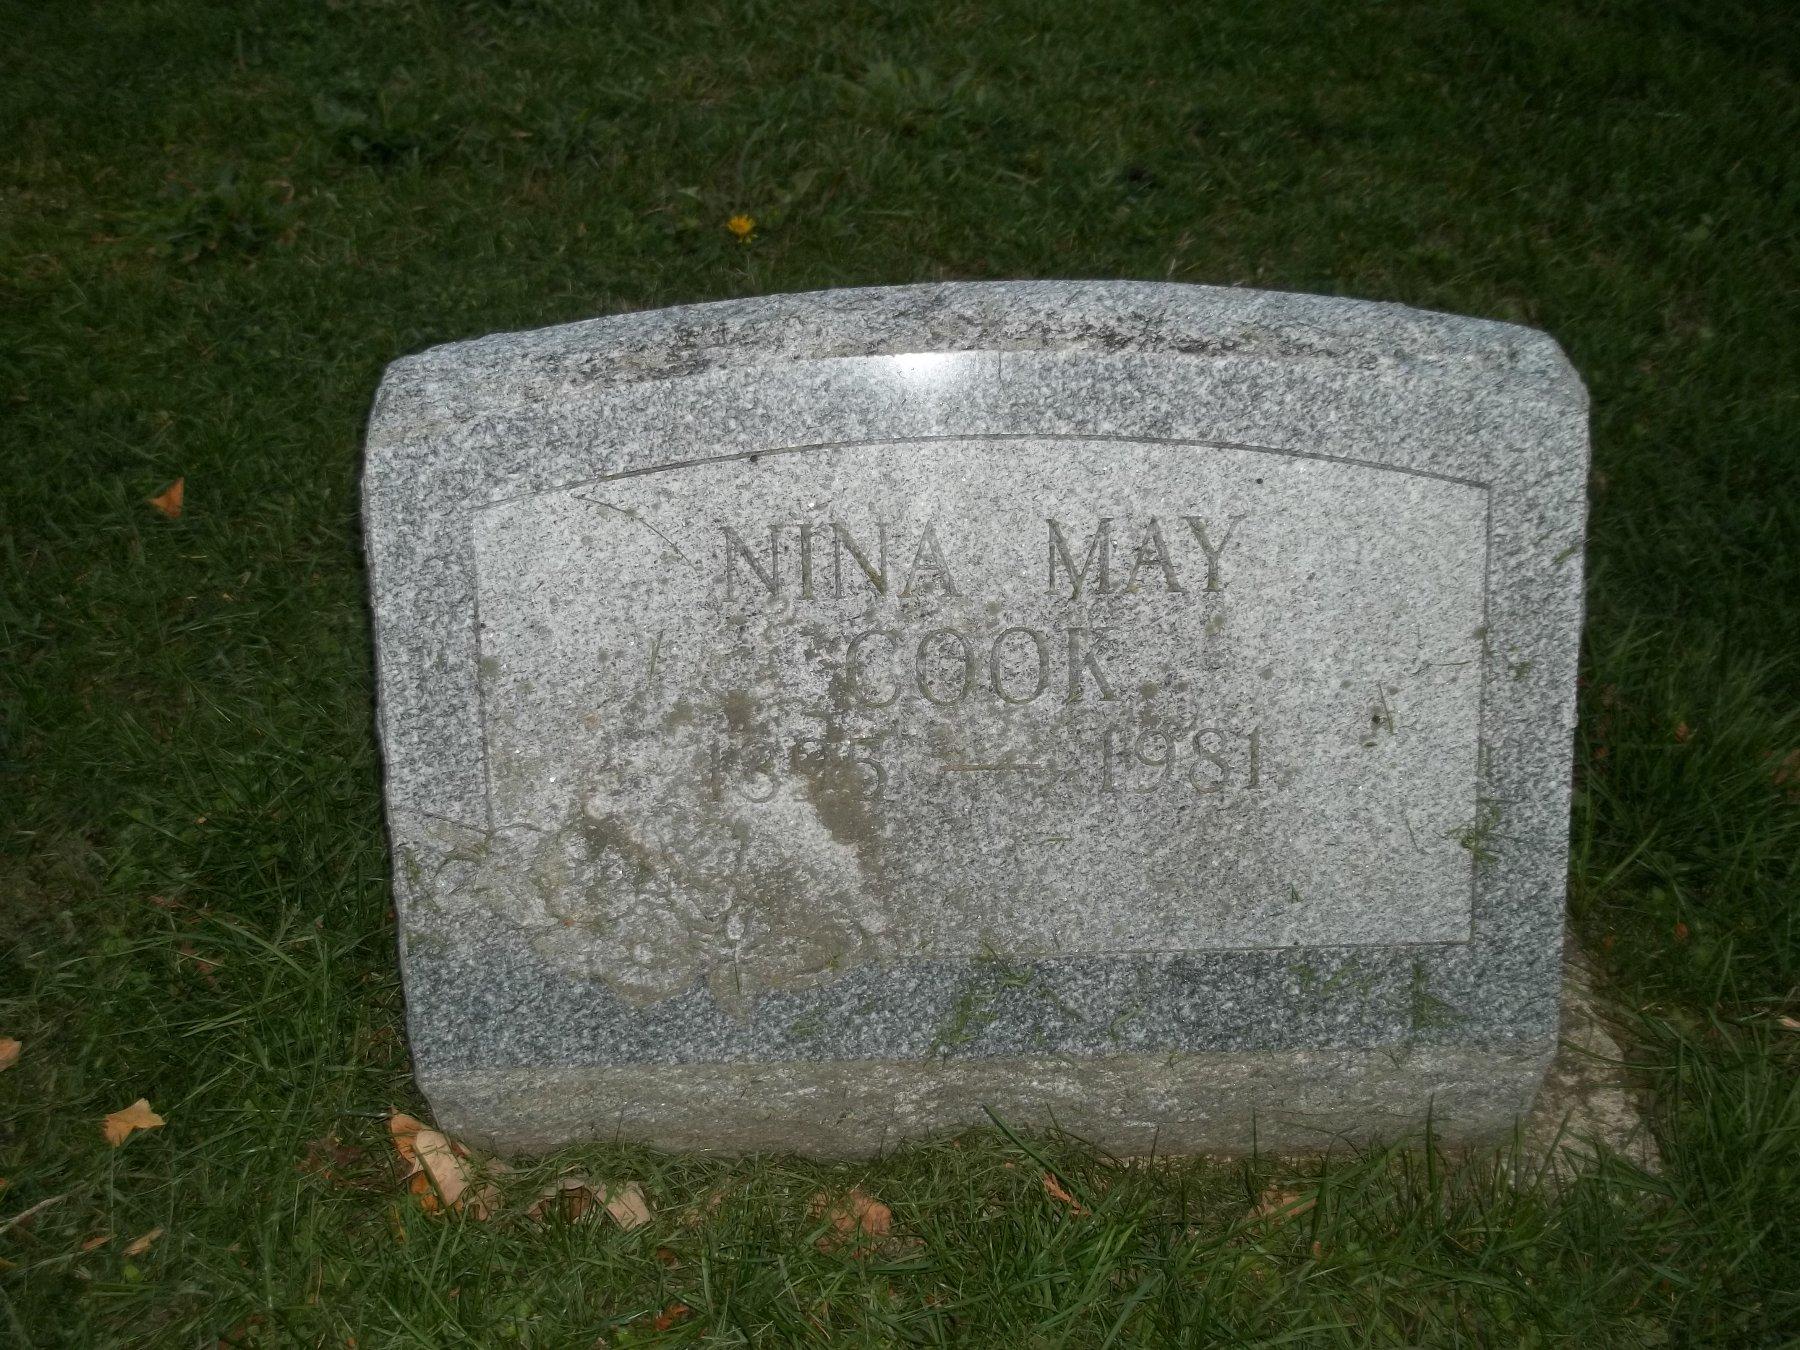 Nina May Cook